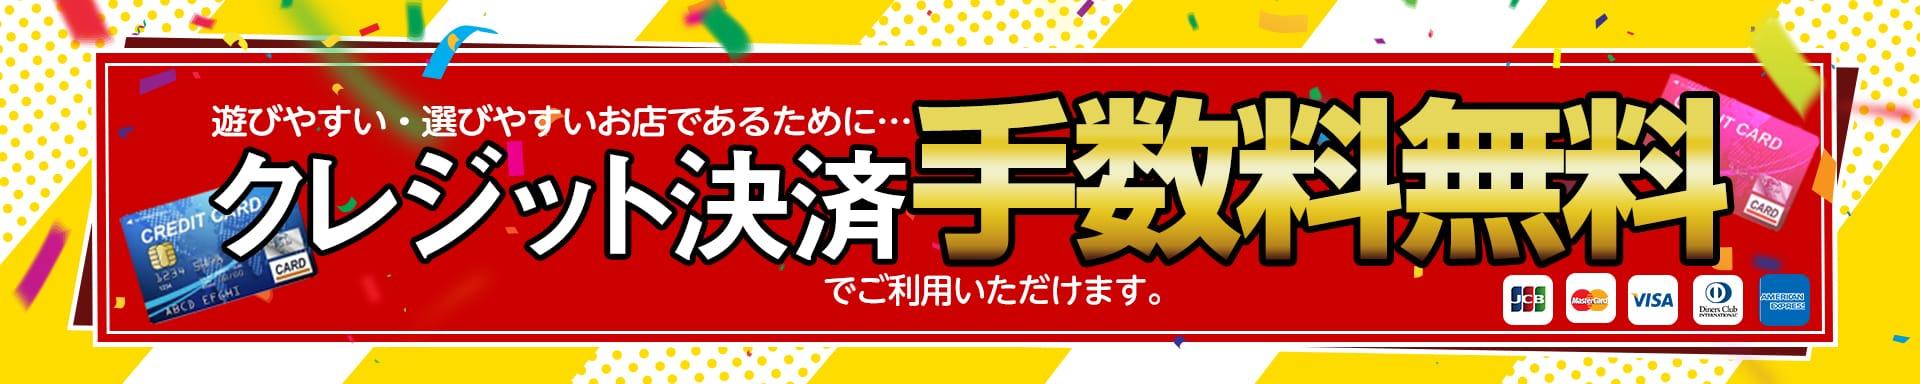 広島で評判のお店はココです! その2